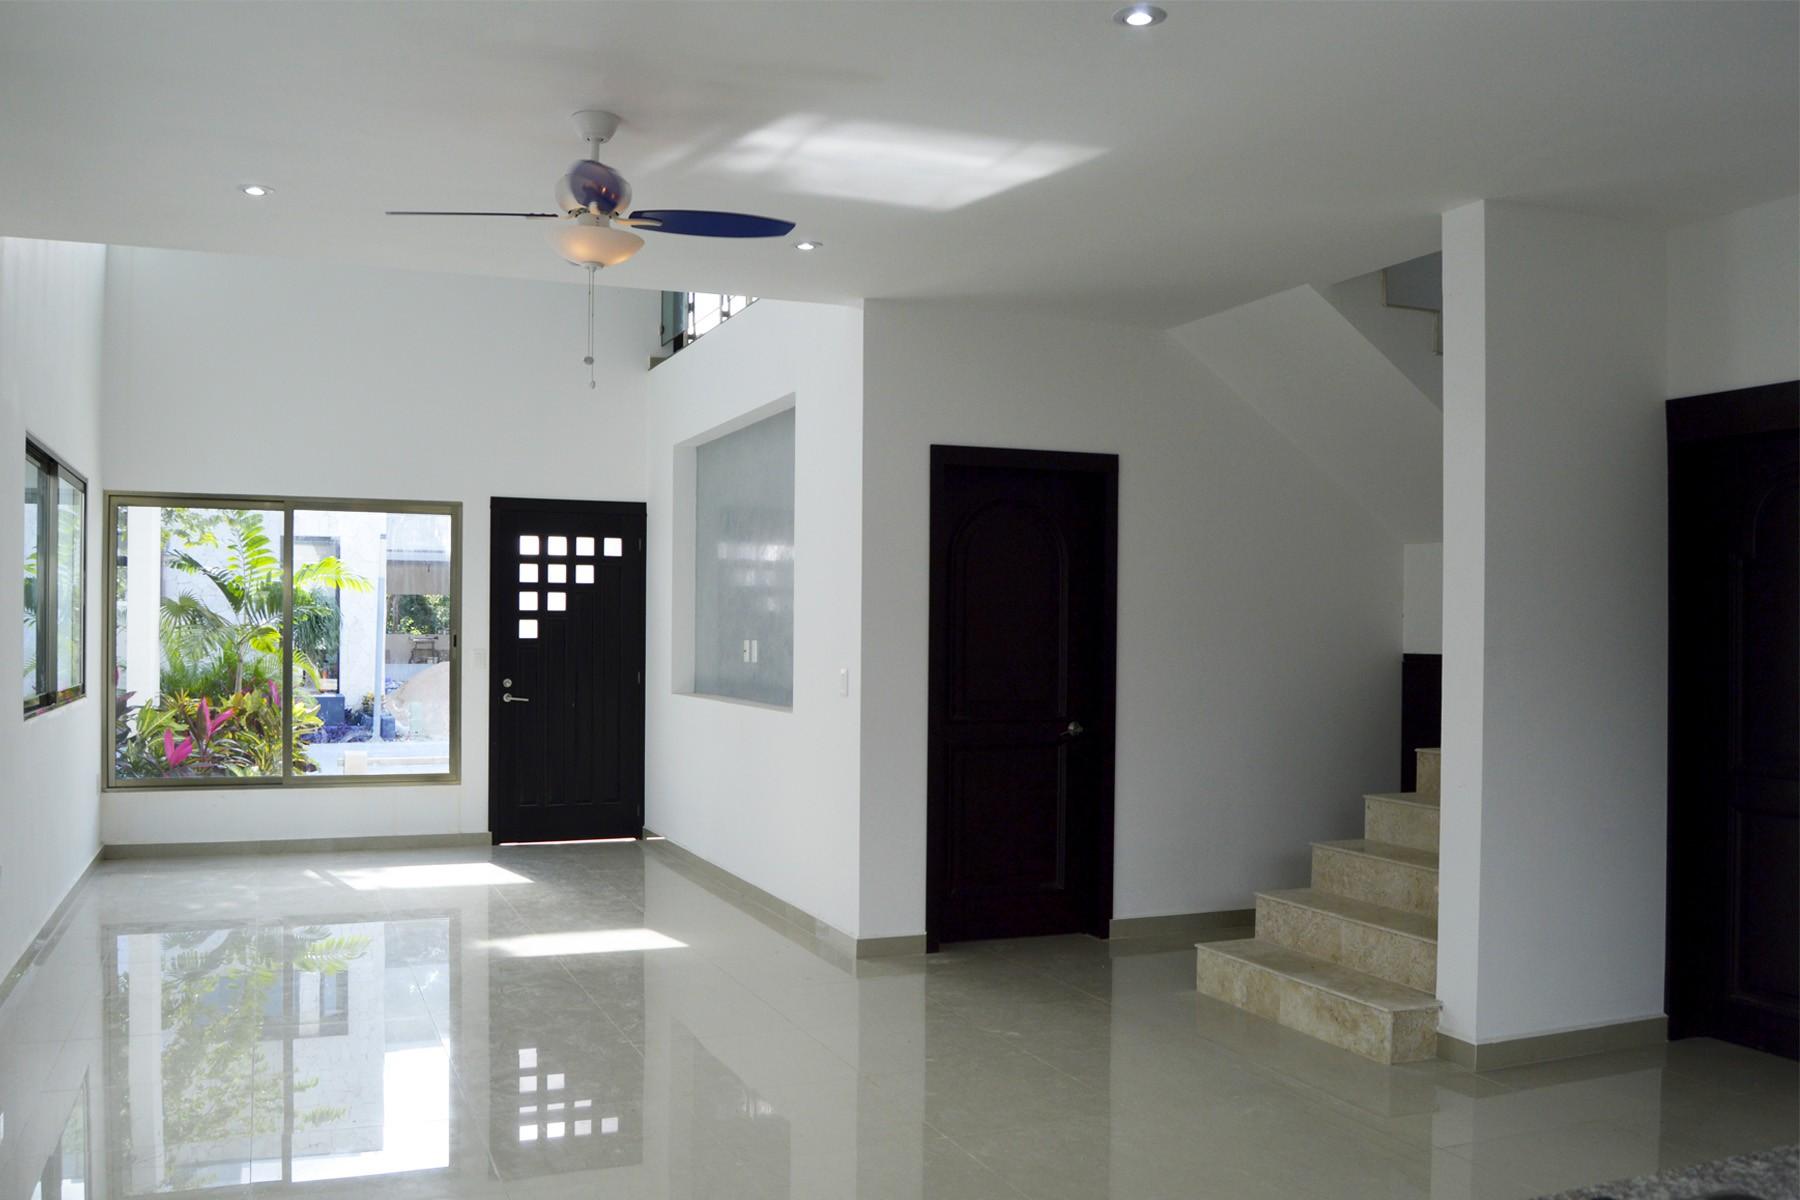 Additional photo for property listing at CASA SERENA Lote 24, El Trébol Manzana 16 Playa Del Carmen, Quintana Roo 77710 México